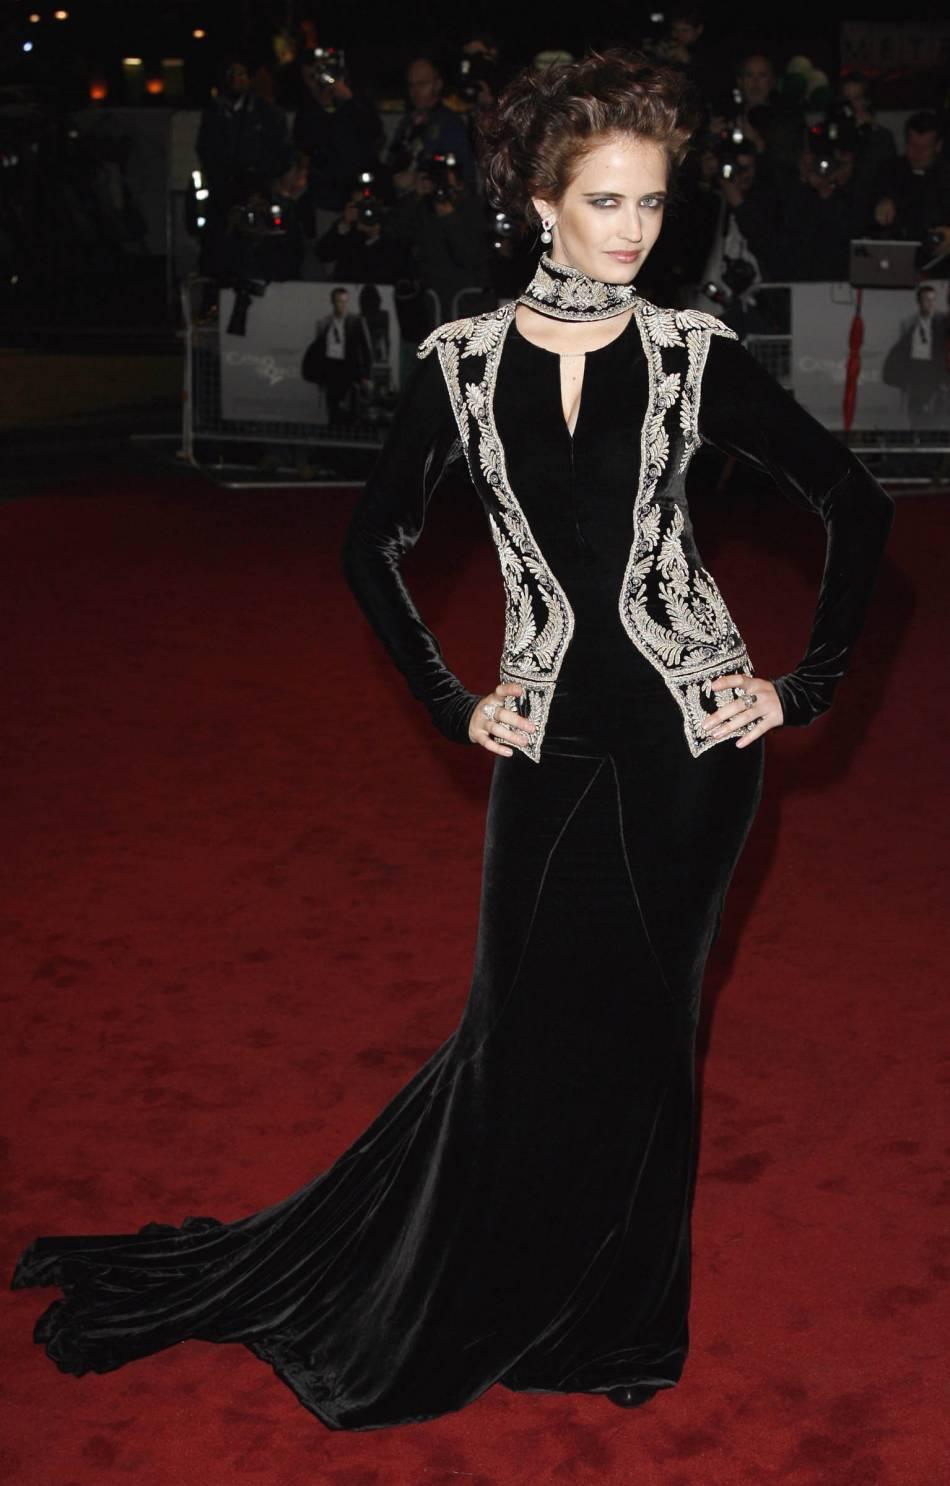 """Avant-première de """"Casino Royale"""" à Londres en 2006 ; Eva Green est sublime. Elle commence doucement mais sûrement à faire les bons choix et à trouver son style à elle."""